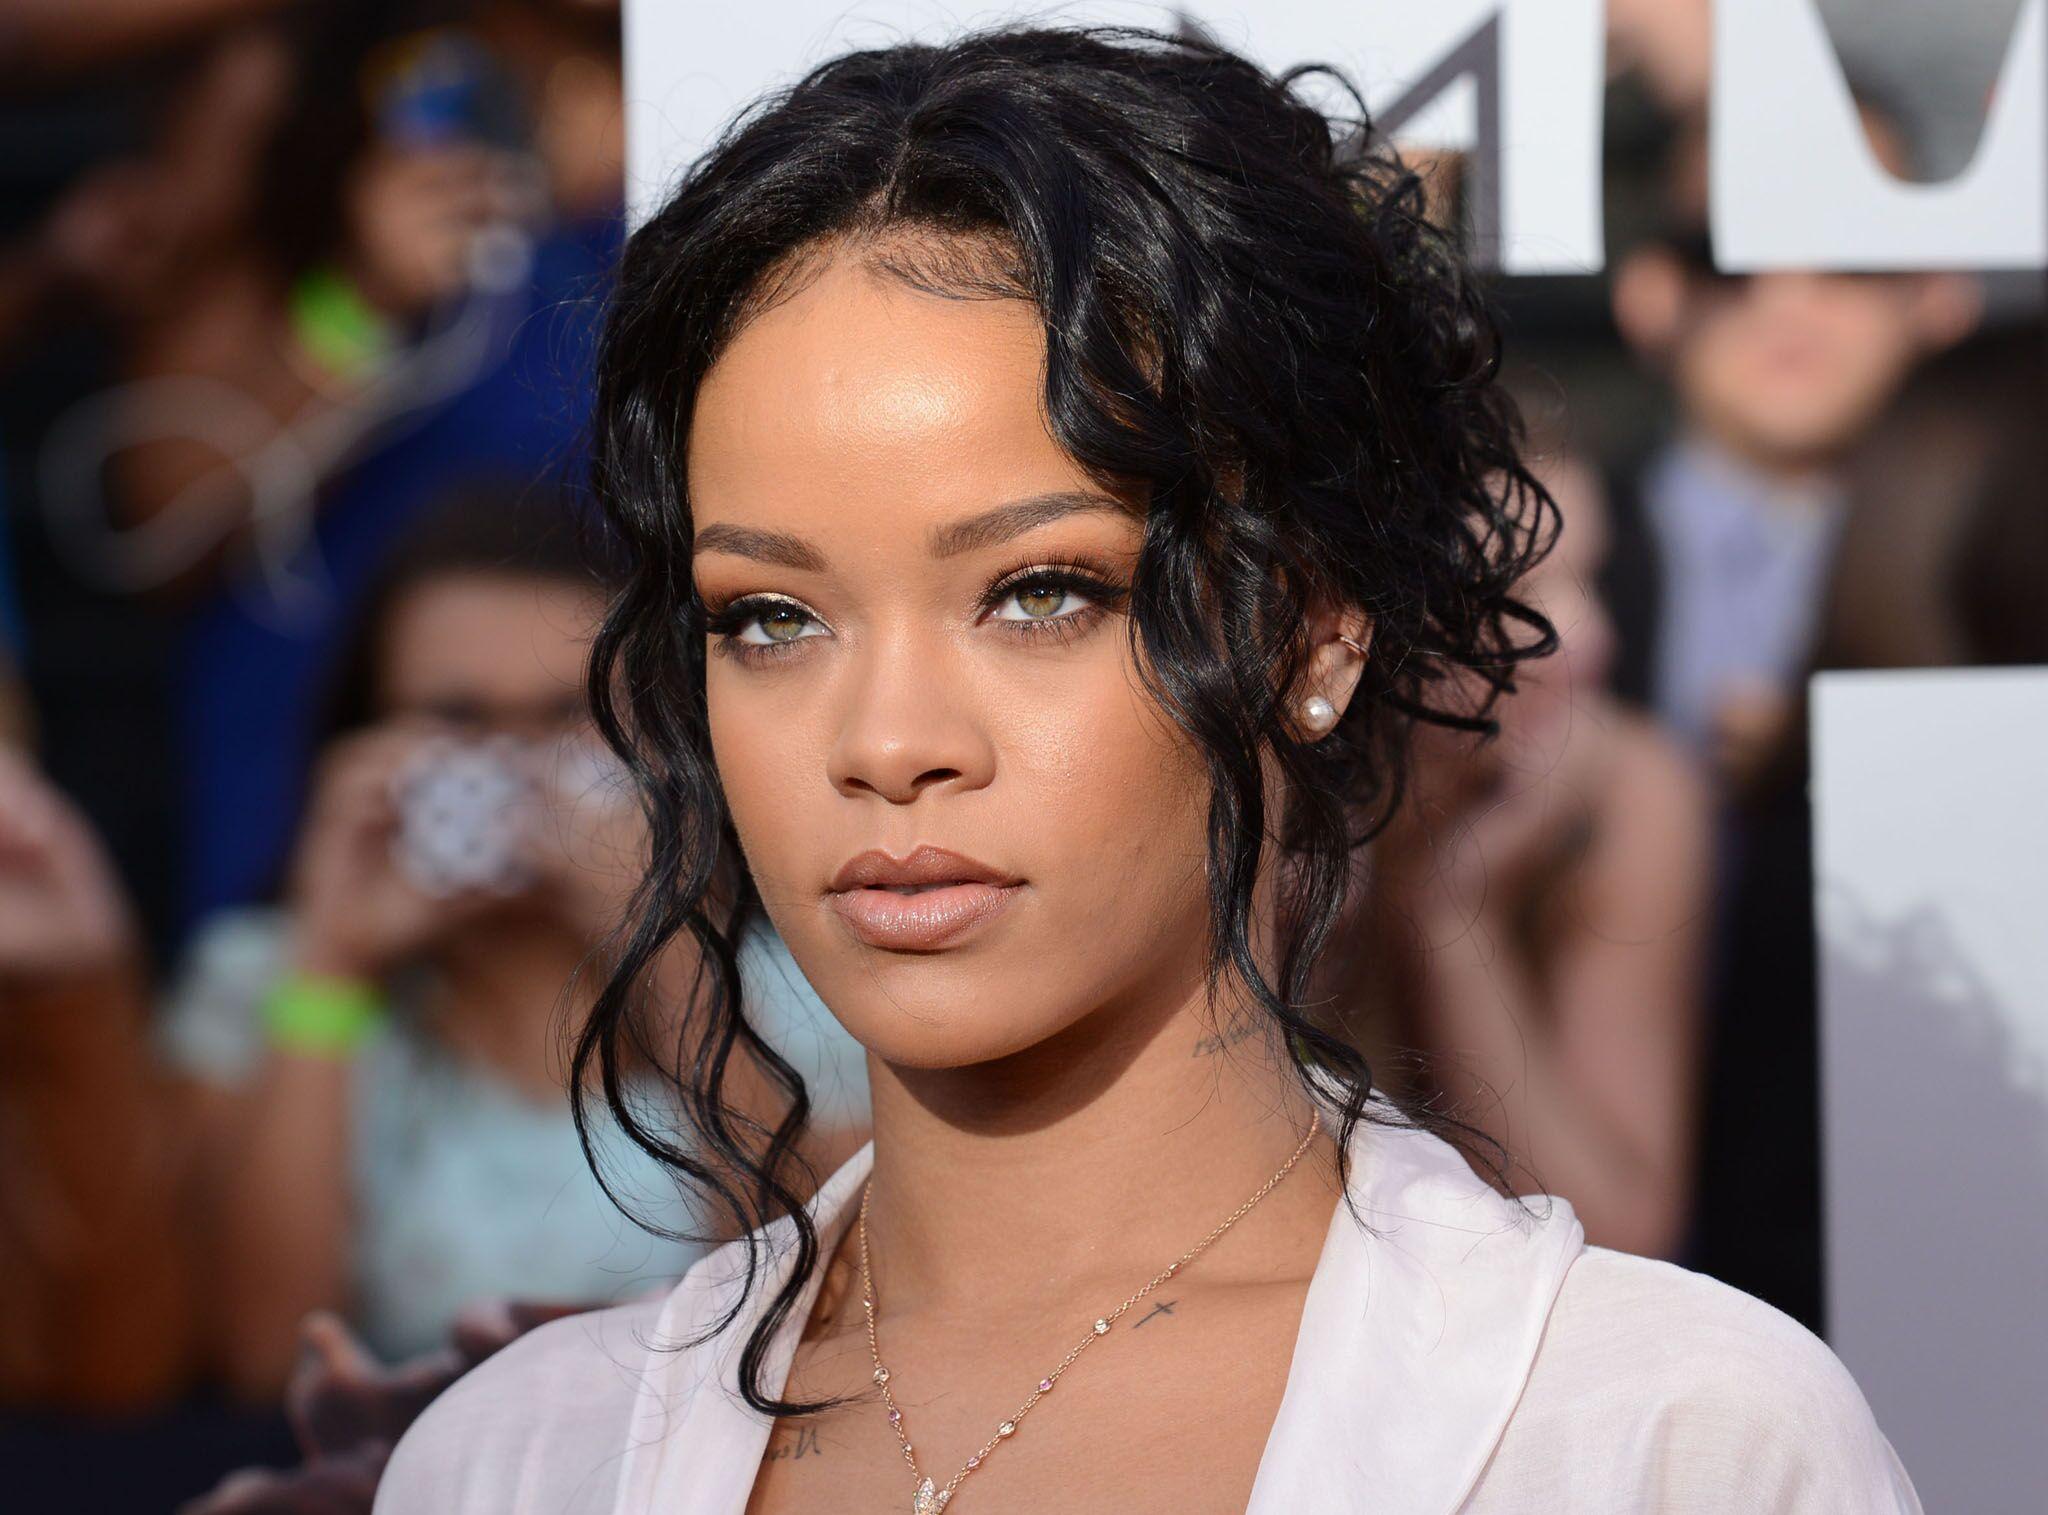 Découvrez la somme hallucinante que Rihanna dépense chaque semaine pour ses soins  de beauté - Voici 8442cfd48df